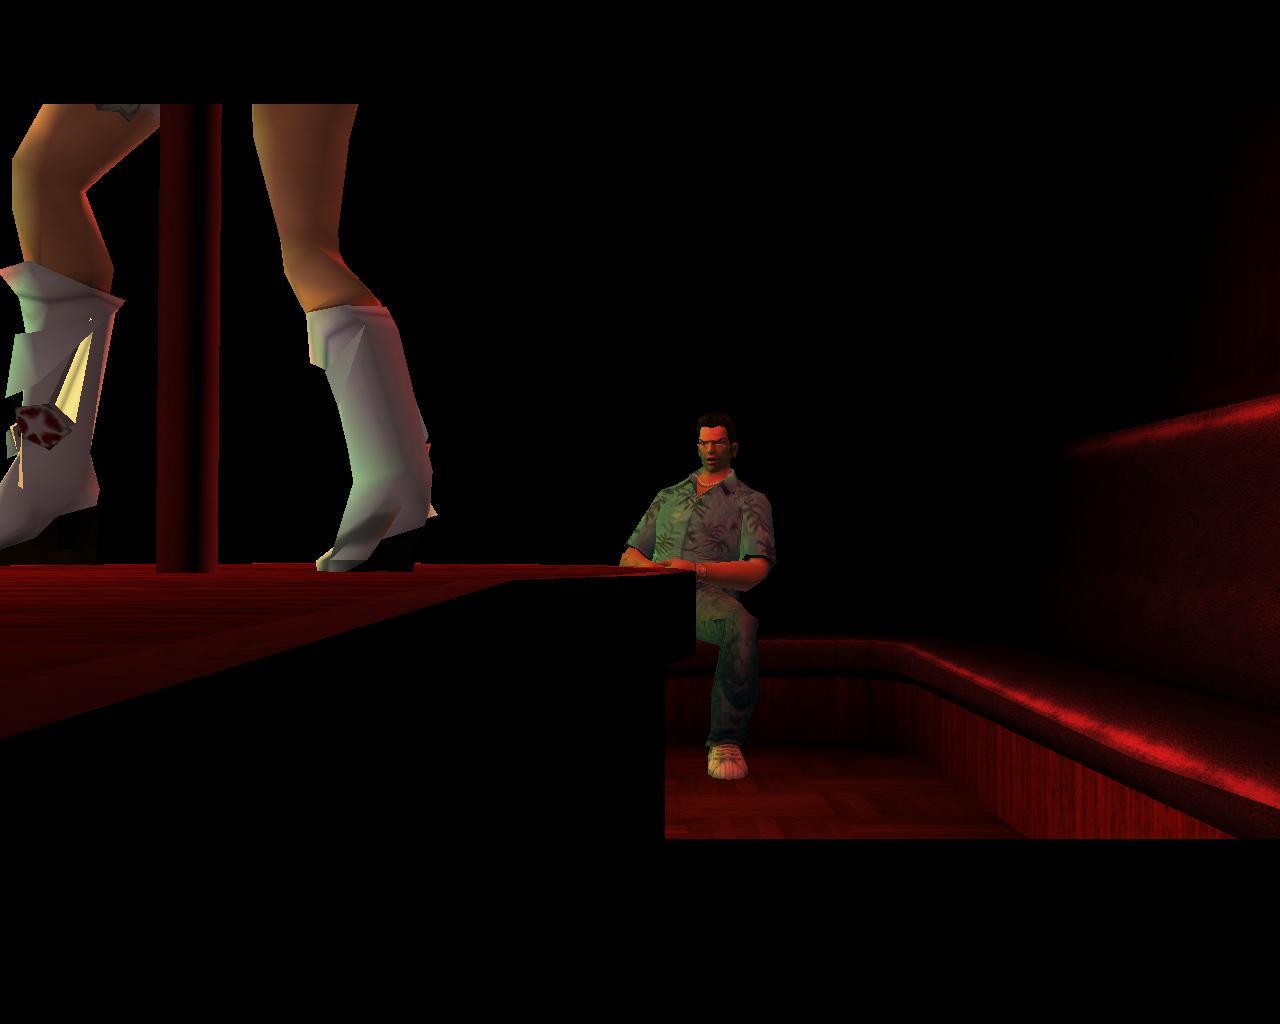 Задание! - Grand Theft Auto: Vice City Гамес